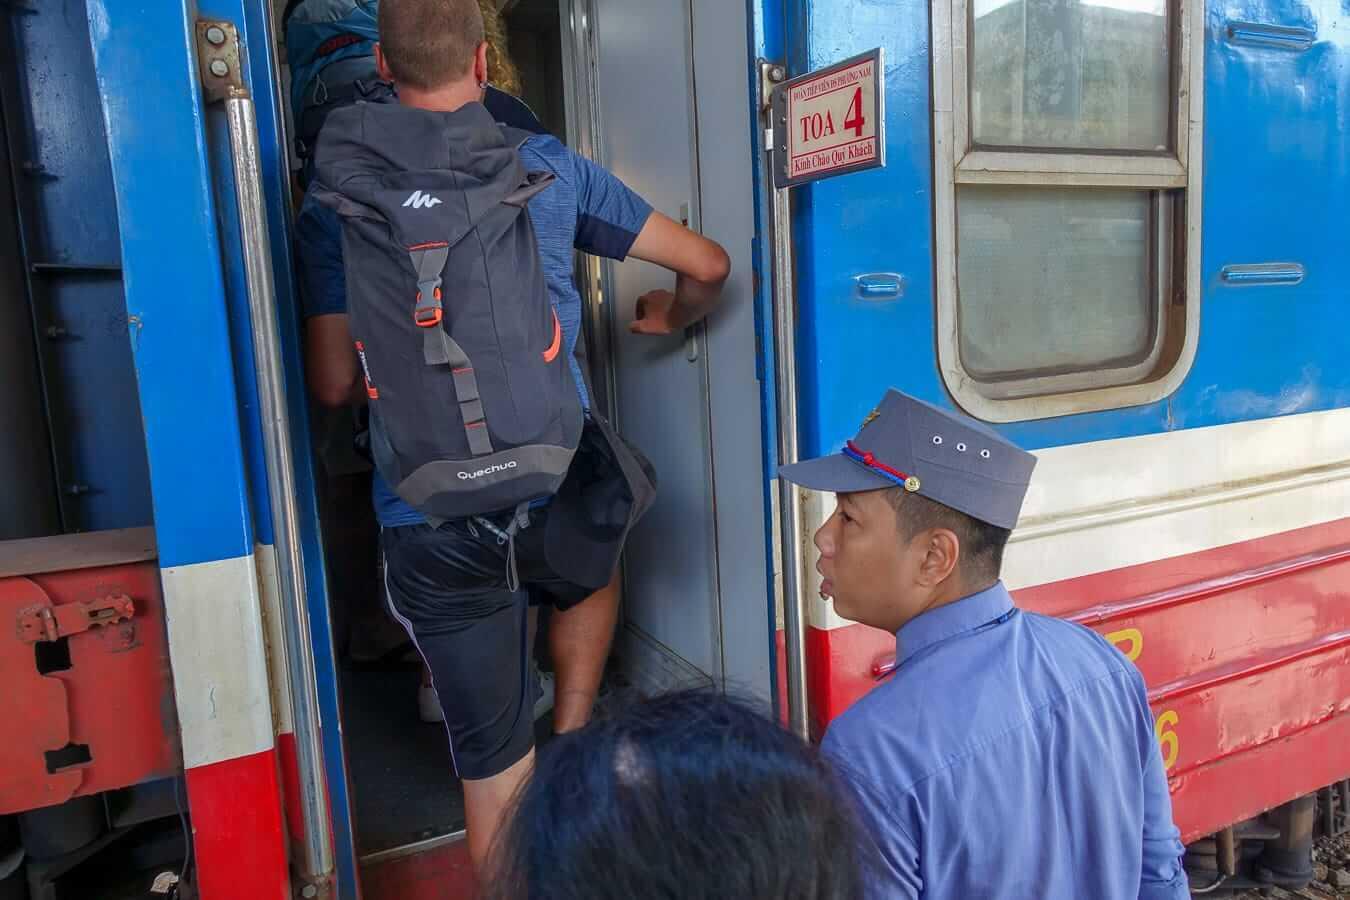 Backpackers boarding the train: Hue to Da Nang